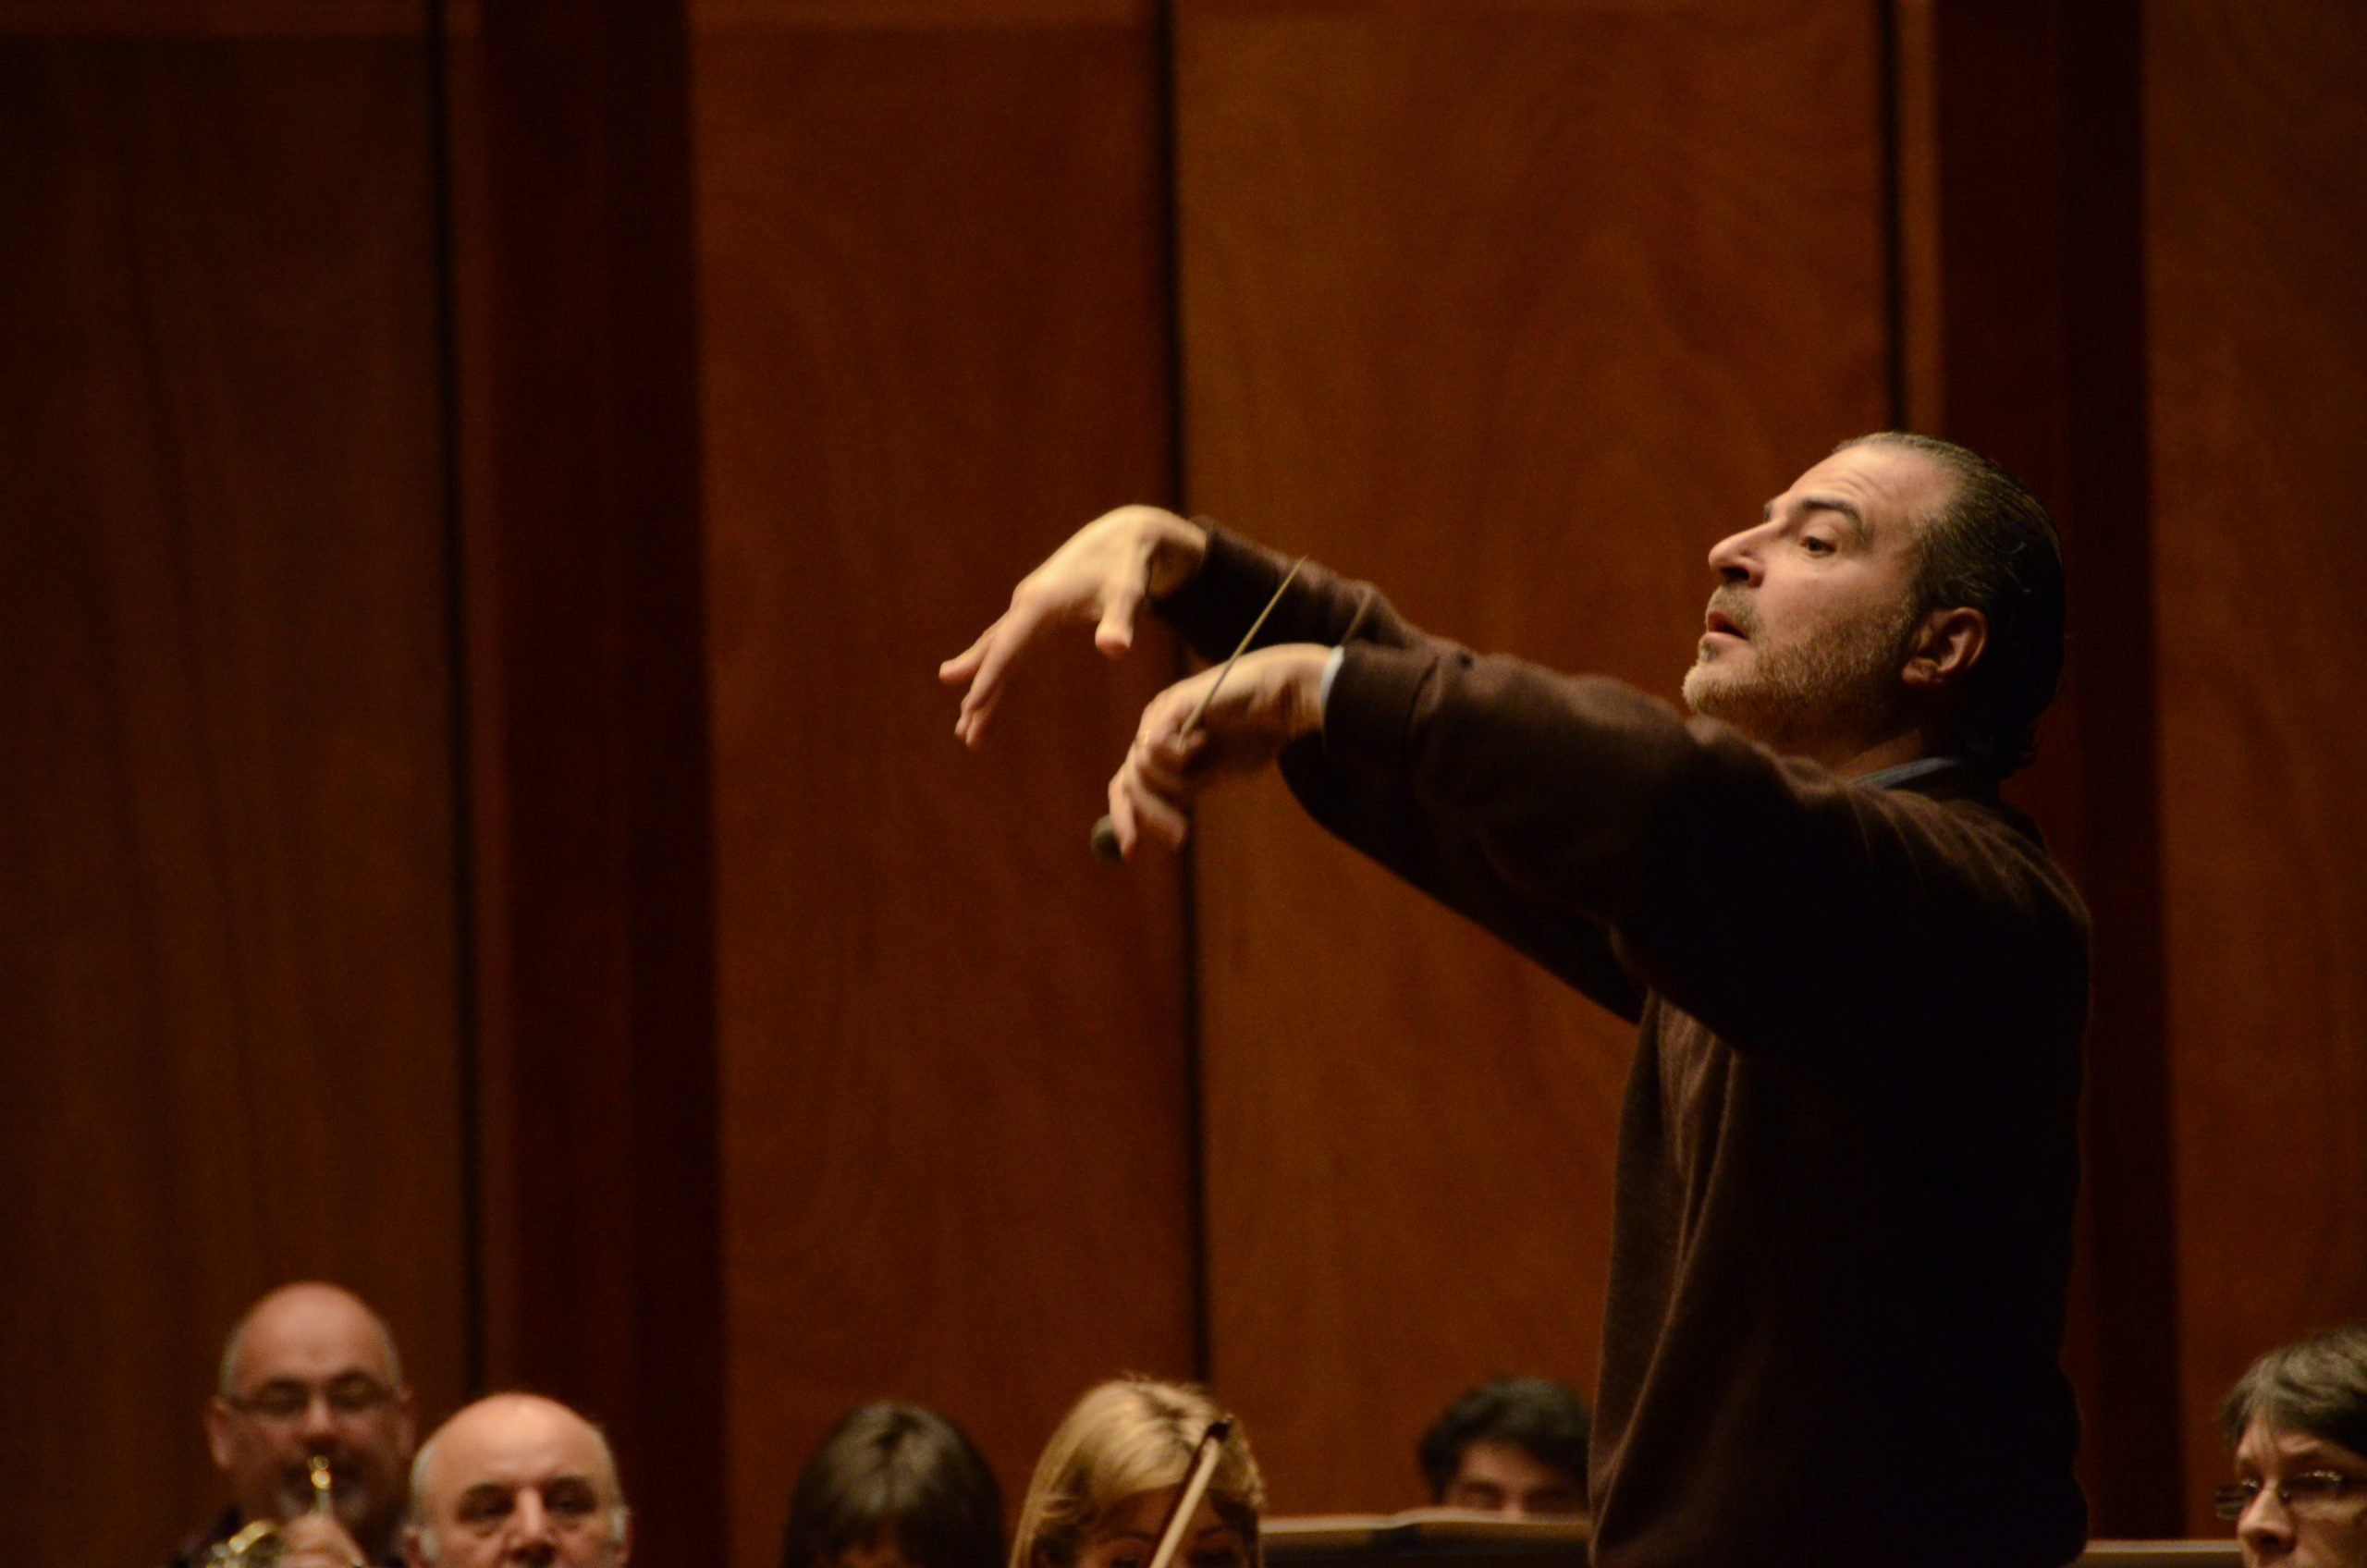 Si chiude la XXI edizione delle Settimane Musicali al Teatro Olimpico